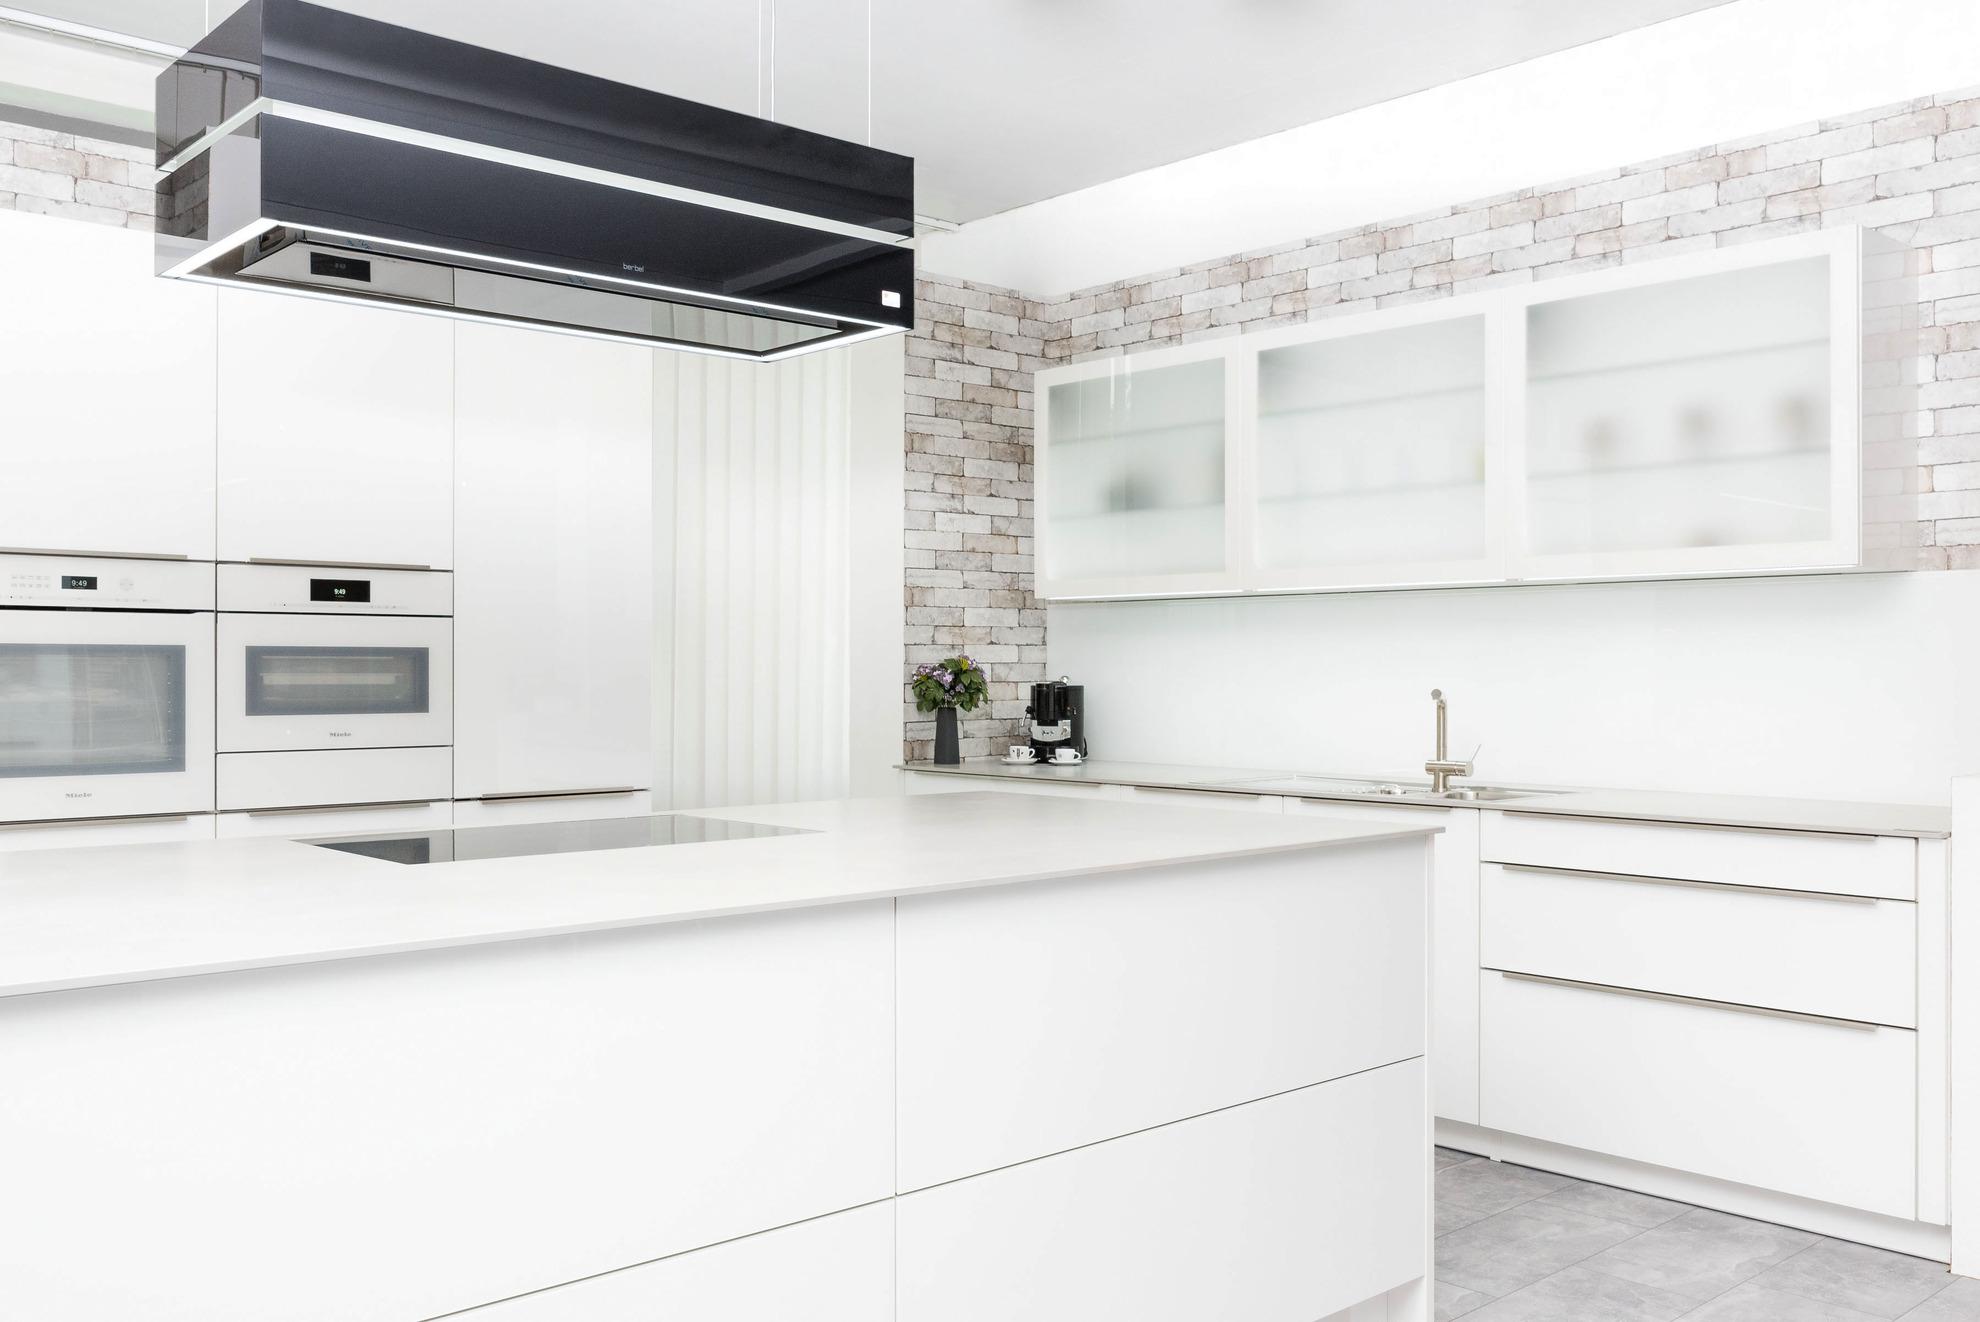 Die Farbtrends 2018: auch die Küche kleidet sich modisch | Sapienstone